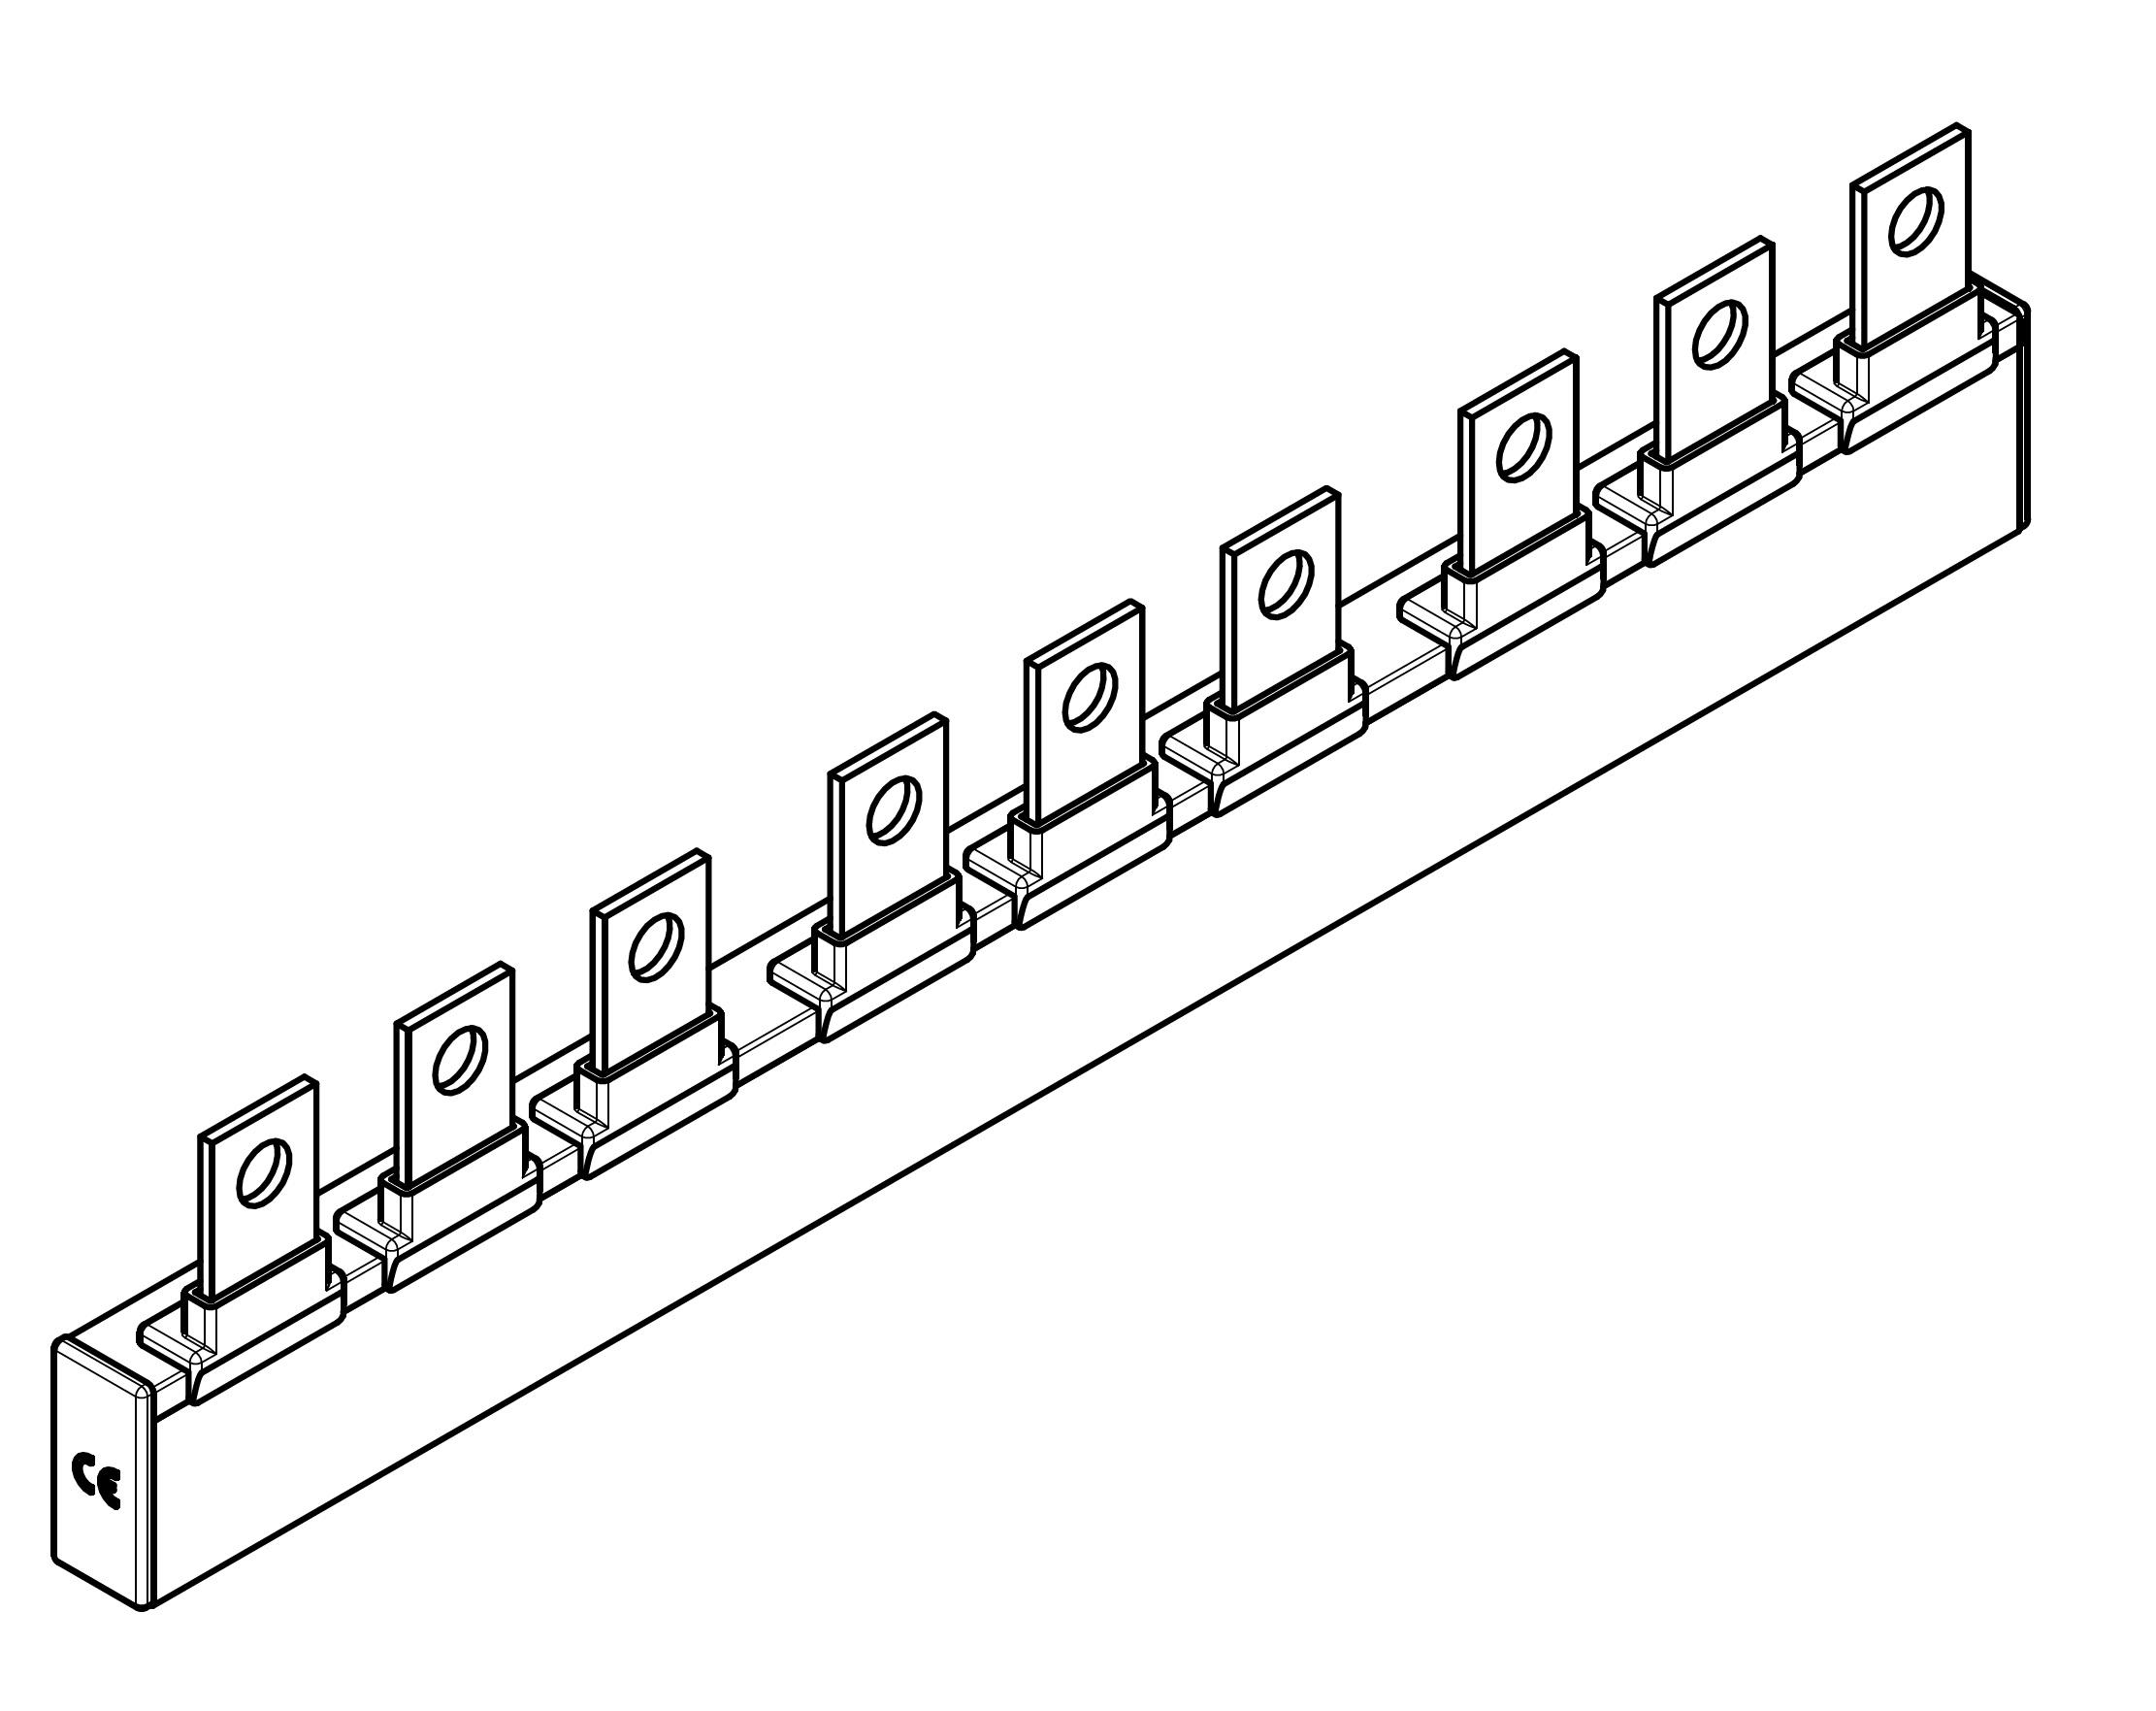 1 Stk ARROW II 00-NH-Trenner-Verschienung 3-fach BS900313--